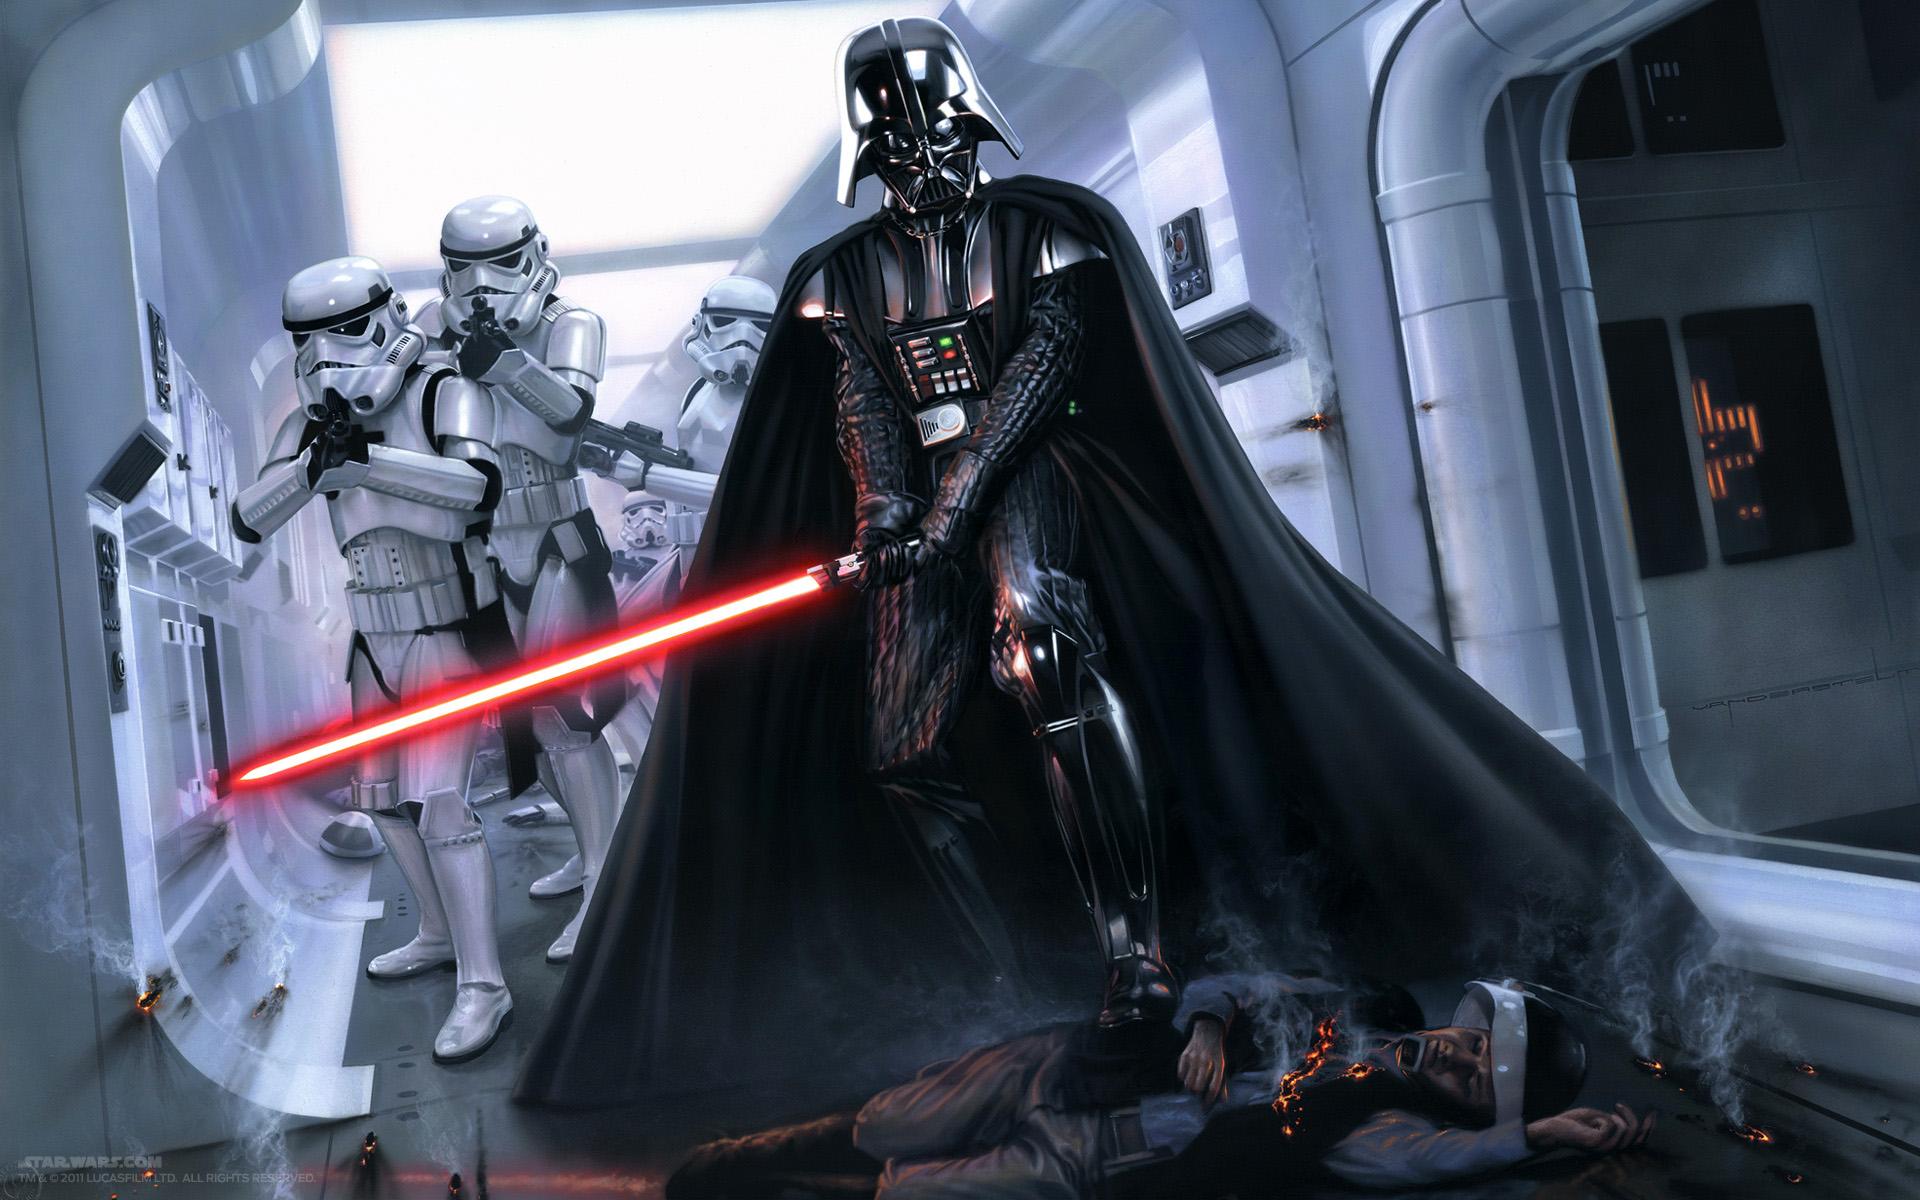 Drawn darth vader darrh First Vader One Darth Star